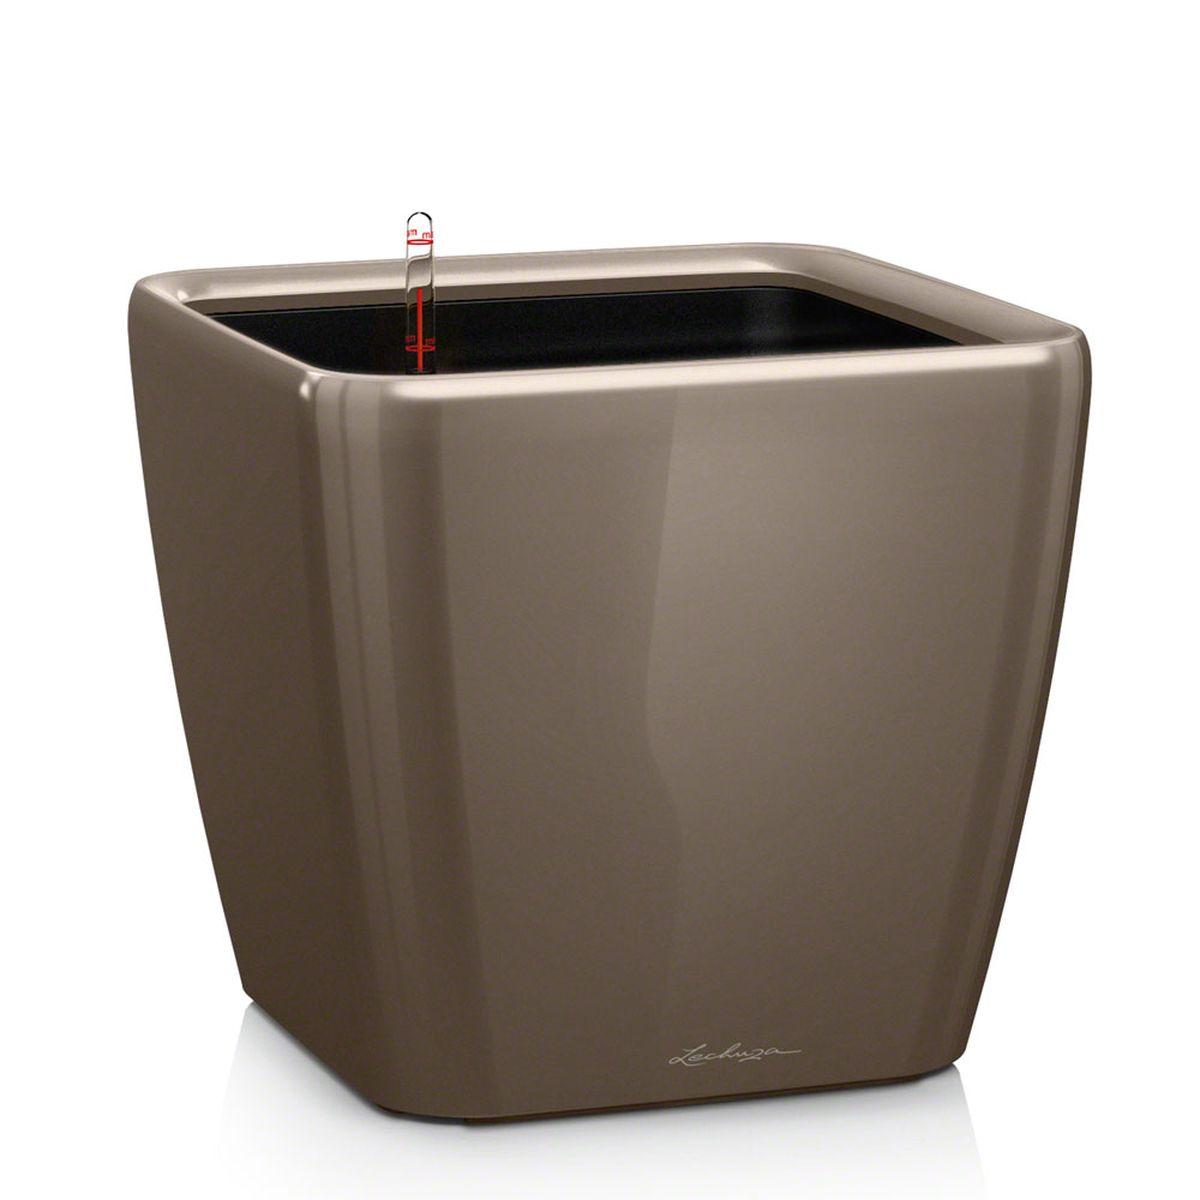 Кашпо Lechuza Quadro, с системой автополива, цвет: серо-коричневый, 21 х 21 х 20 см16125Кашпо Lechuza Quadro, выполненное из высококачественного пластика, имеет уникальную систему автополива, благодаря которой корневая система растения непрерывно снабжается влагой из резервуара. Уровень воды в резервуаре контролируется с помощью специального индикатора. В зависимости от размера кашпо и растения воды хватает на 2-12 недель. Это способствует хорошему росту цветов и предотвращает переувлажнение. В набор входит: кашпо, внутренний горшок с выдвижной эргономичной ручкой, индикатор уровня воды, вал подачи воды, субстрат растений в качестве дренажного слоя, резервуар для воды. Кашпо Lechuza Quadro прекрасно впишется в любой интерьер. Оно поможет расставить нужные акценты, а также придаст помещению вид, соответствующий вашим представлениям.